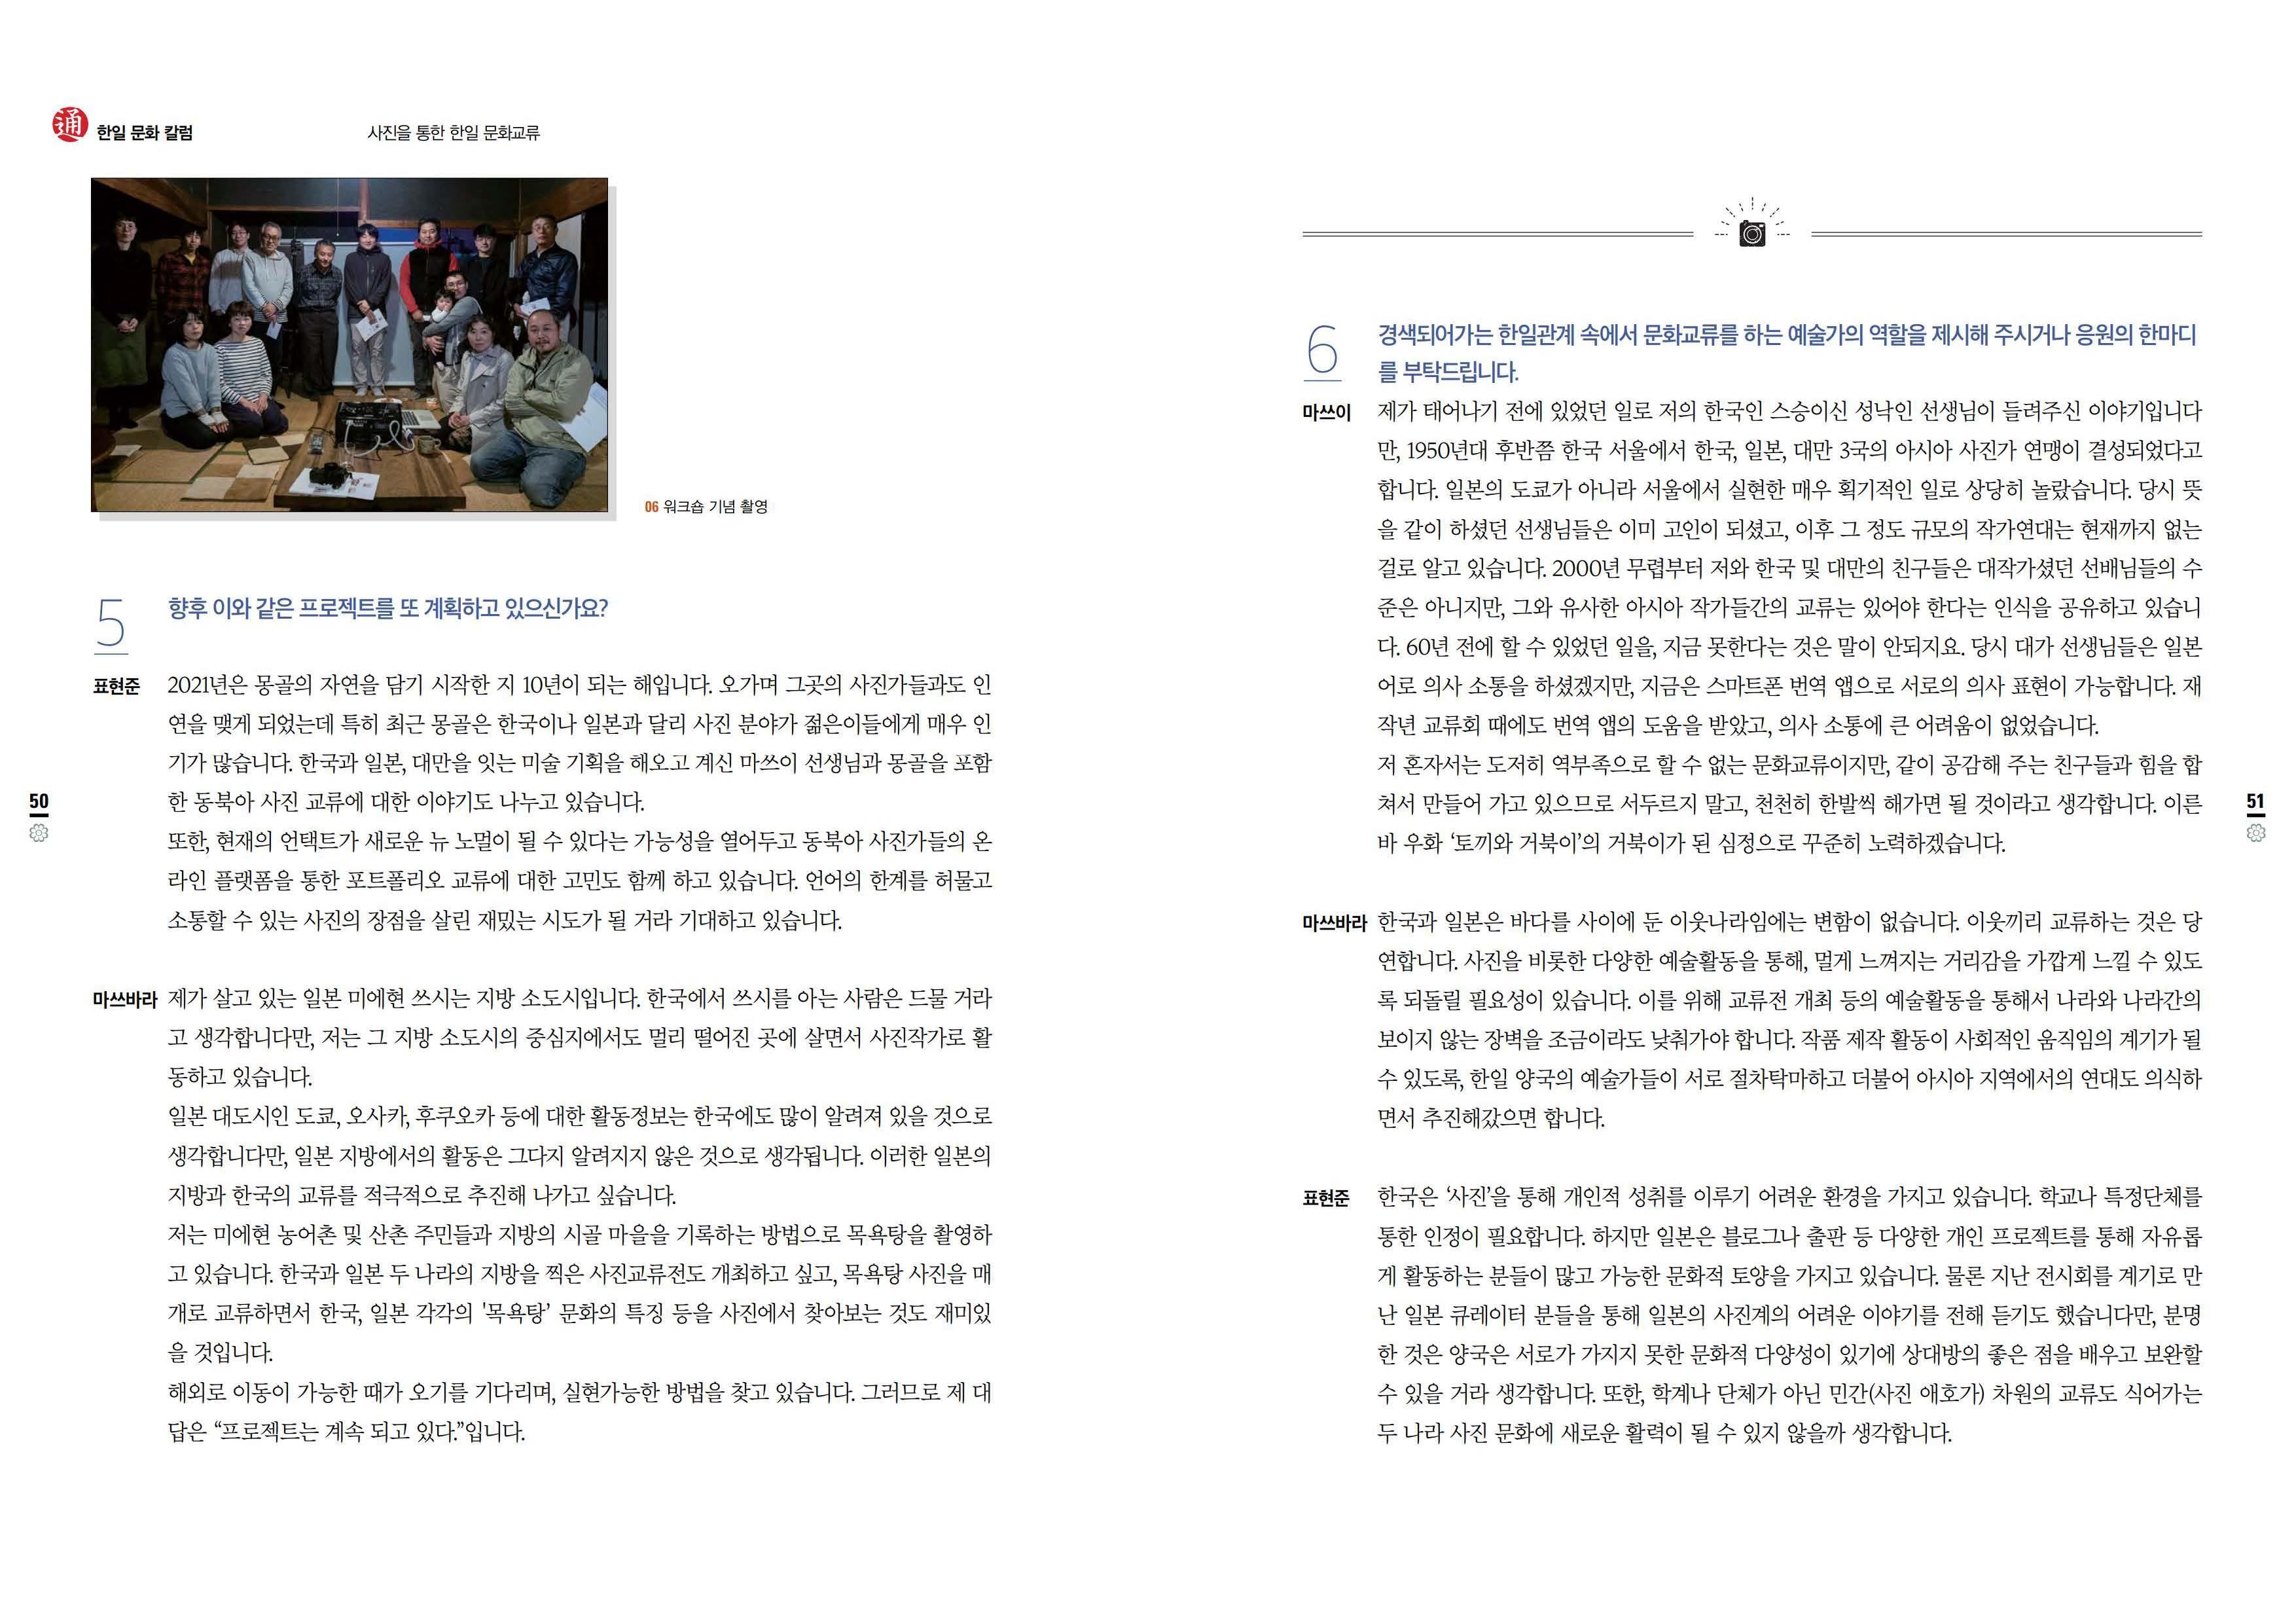 2020 朝鮮通信社ニュースレター P4